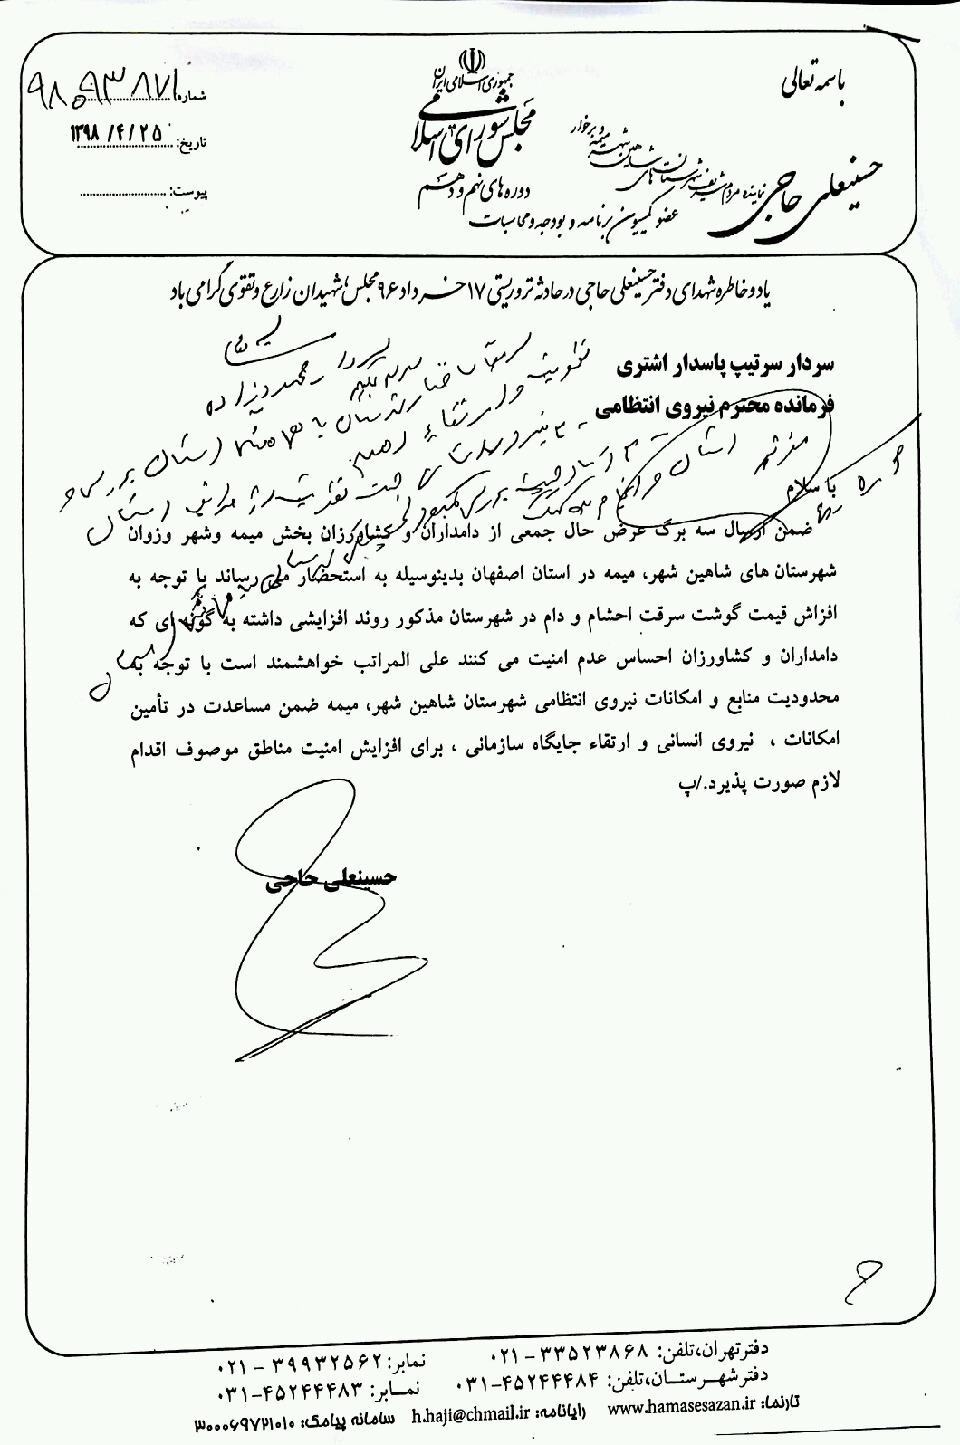 مکاتبات و درخواستها/دامداران میمه تا ارتقای شهرداری شاپورآباد